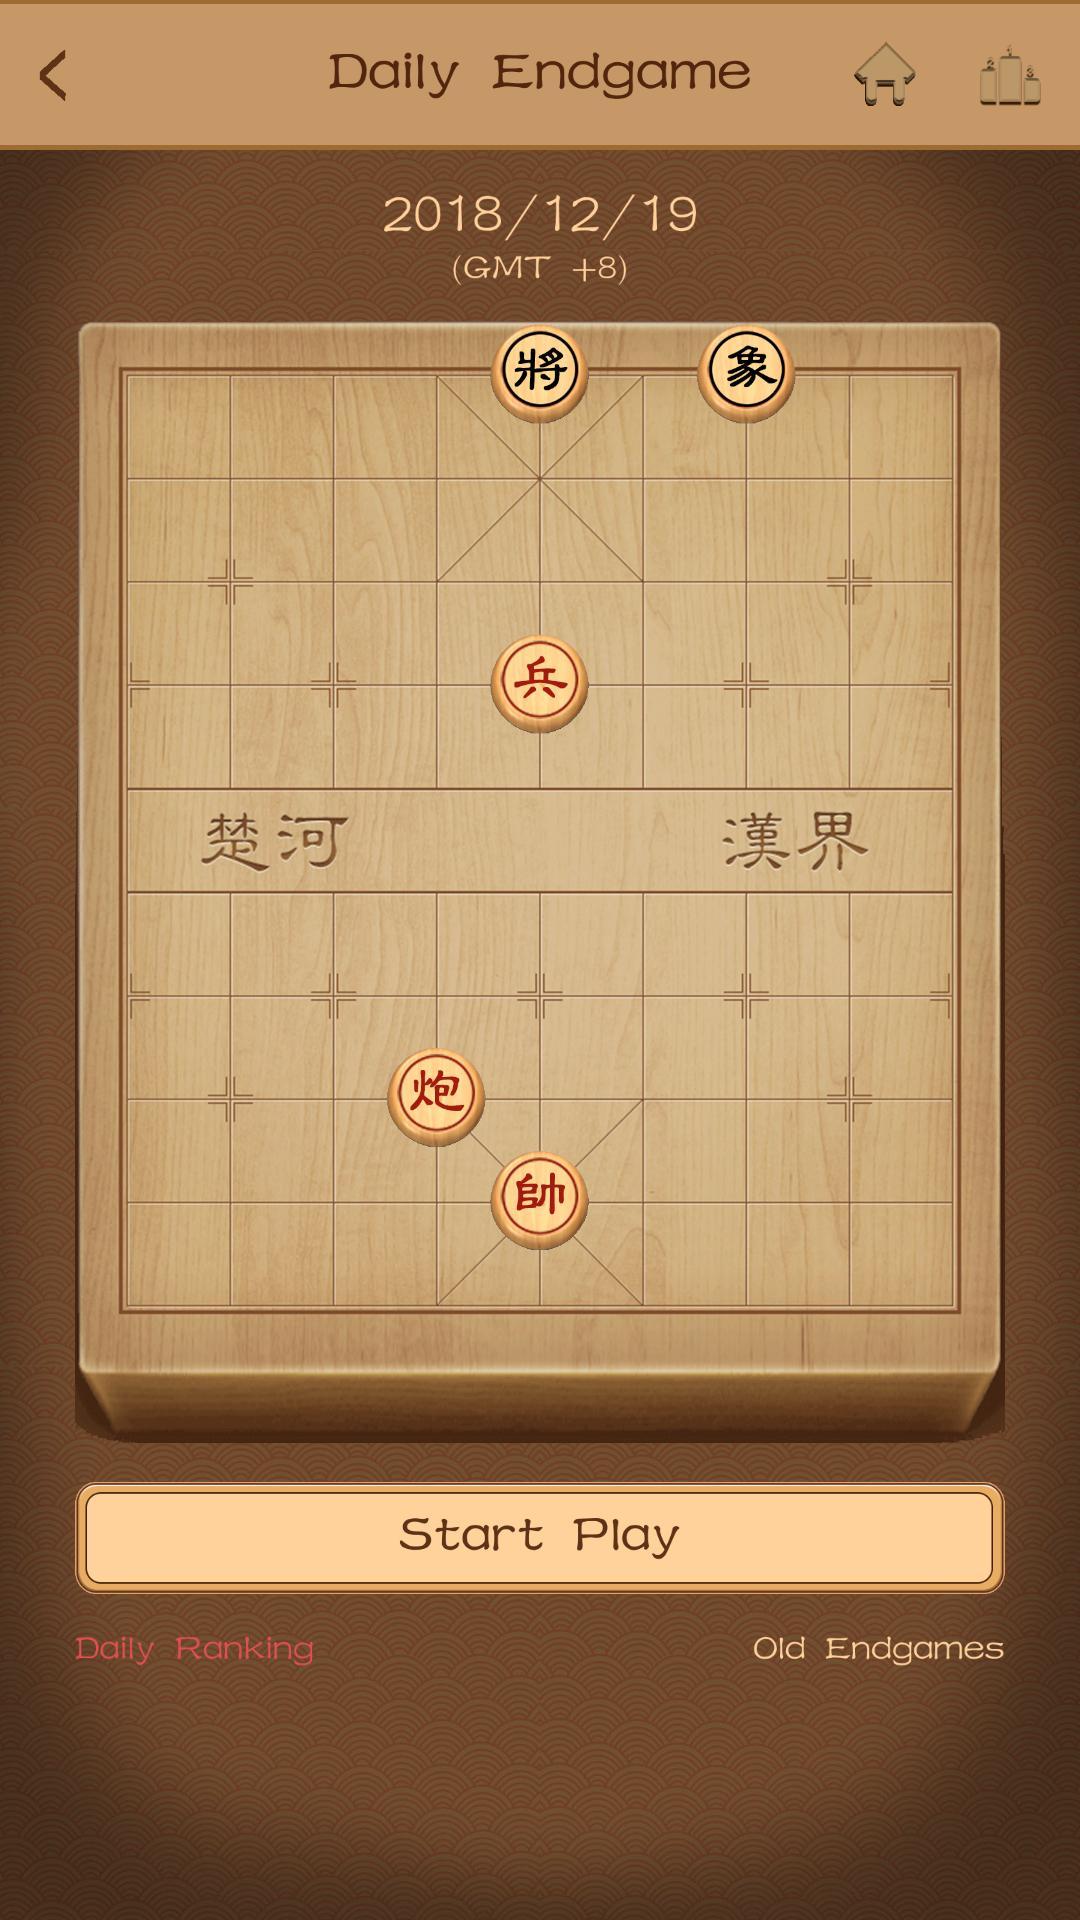 Chinese Chess from beginner to master 1.6.2 Screenshot 17